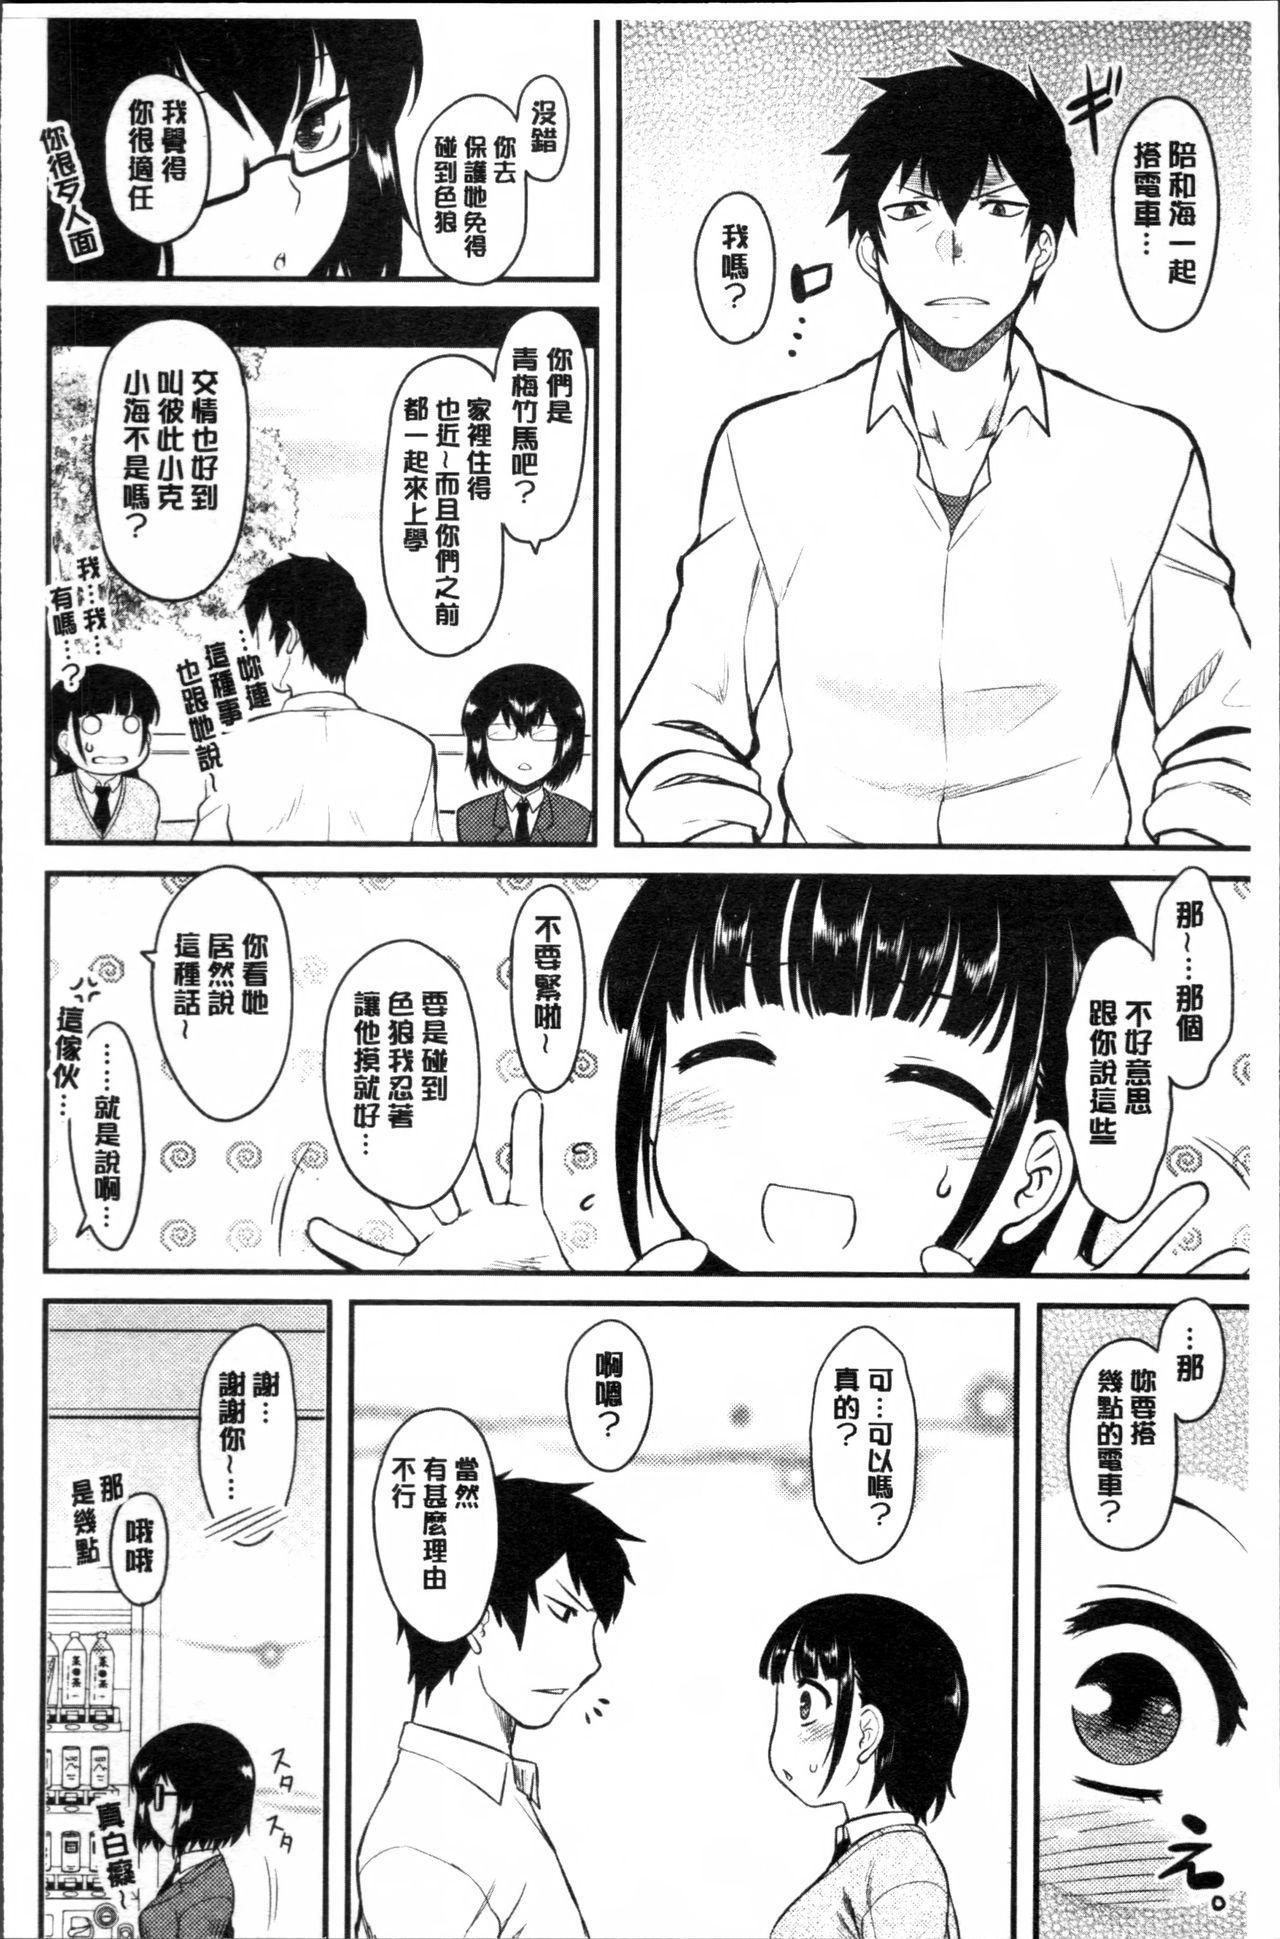 Hatsukoi Splash! 28